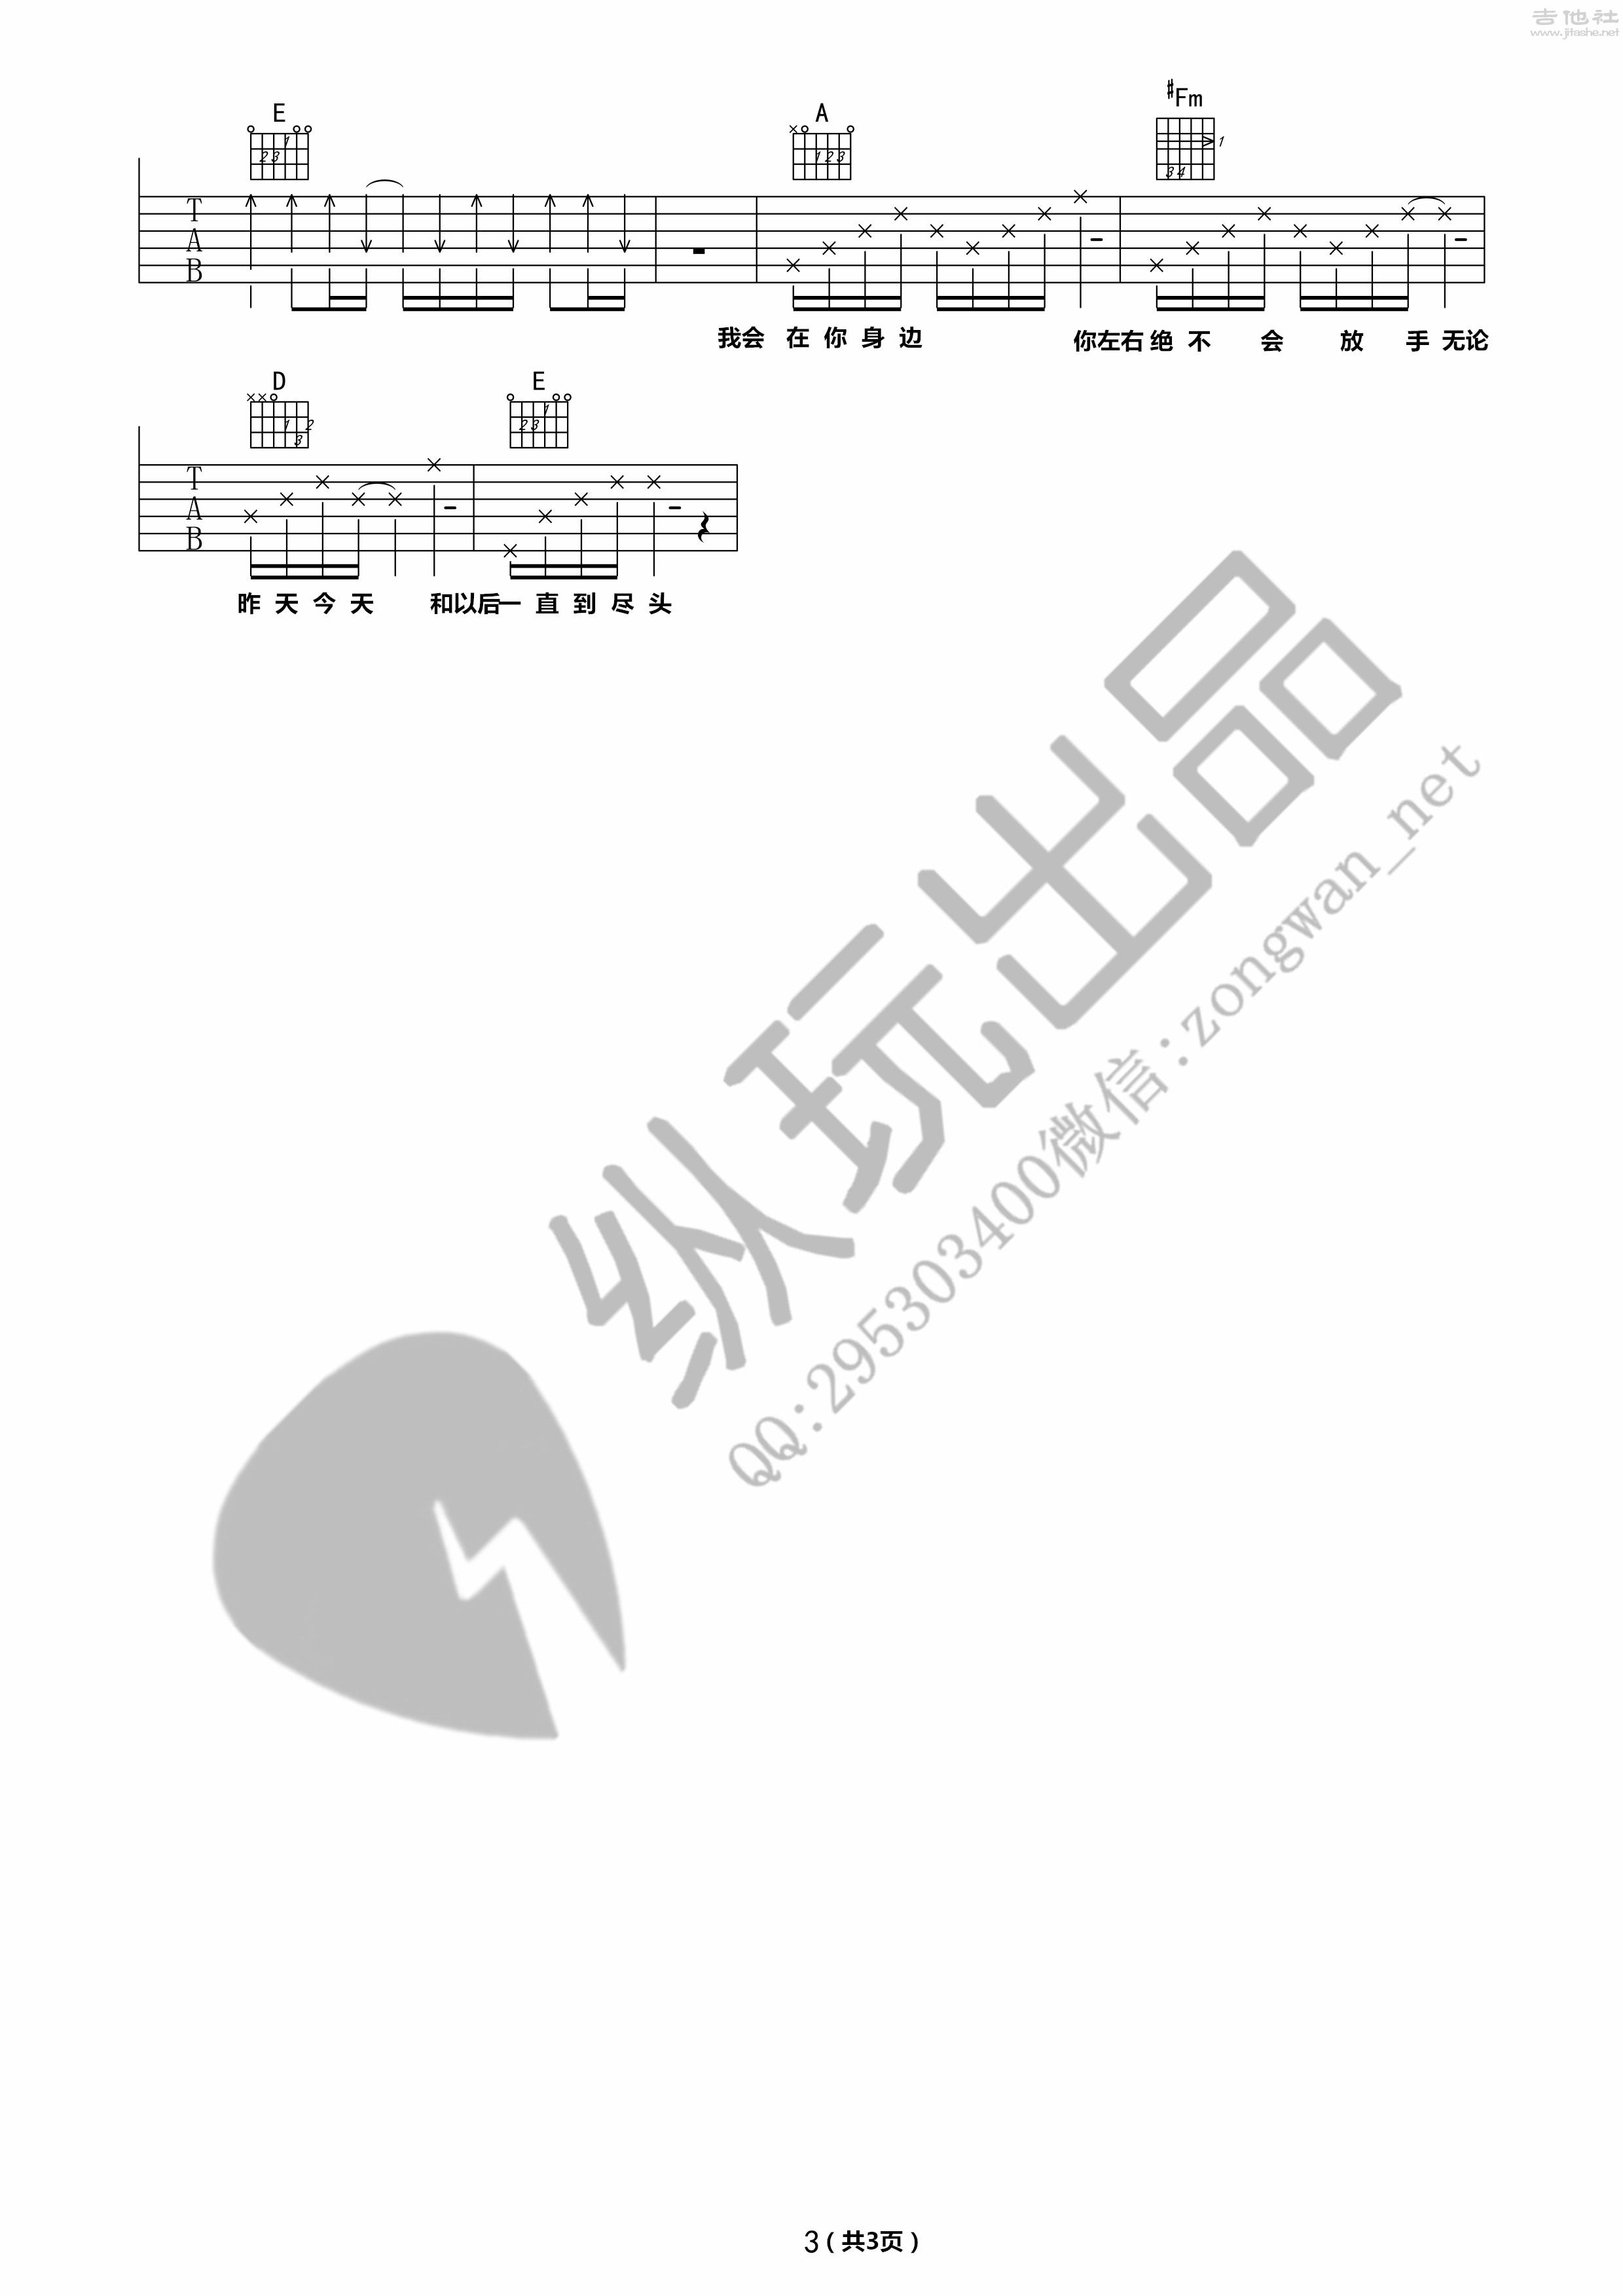 夏洛特烦恼(纵玩版)吉他谱(图片谱,弹唱)_金志文(小文;兄弟小文)_夏洛特烦恼03_副本.jpg